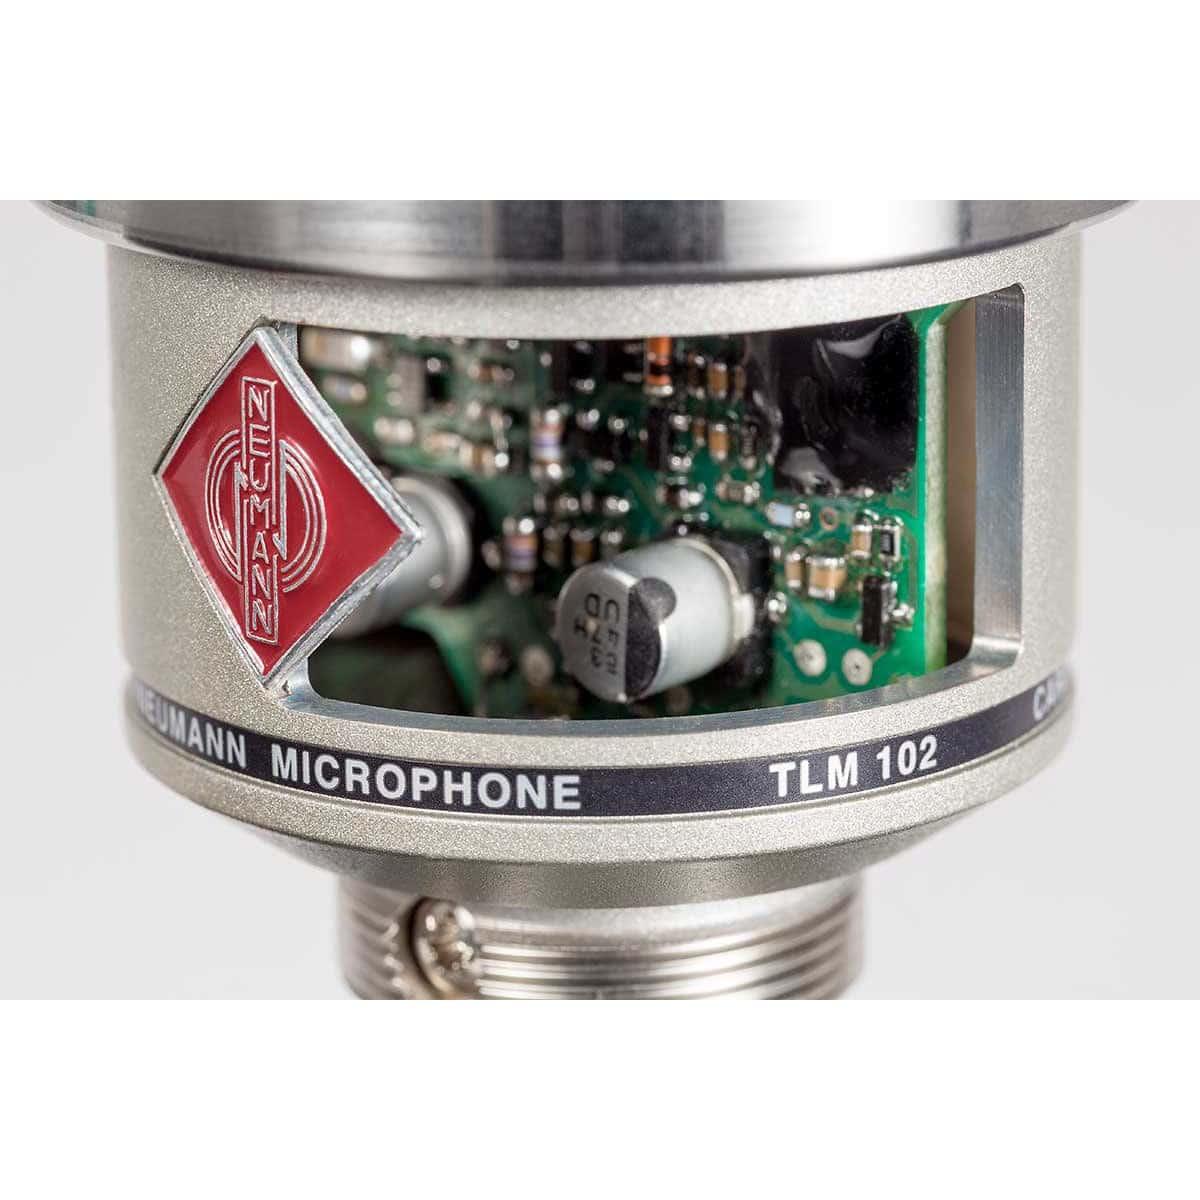 Neumann TLM 102 box 03 Microfoni a Condensatore, Microfoni professionali, Strumentazioni Pro Audio per studi di registrazione